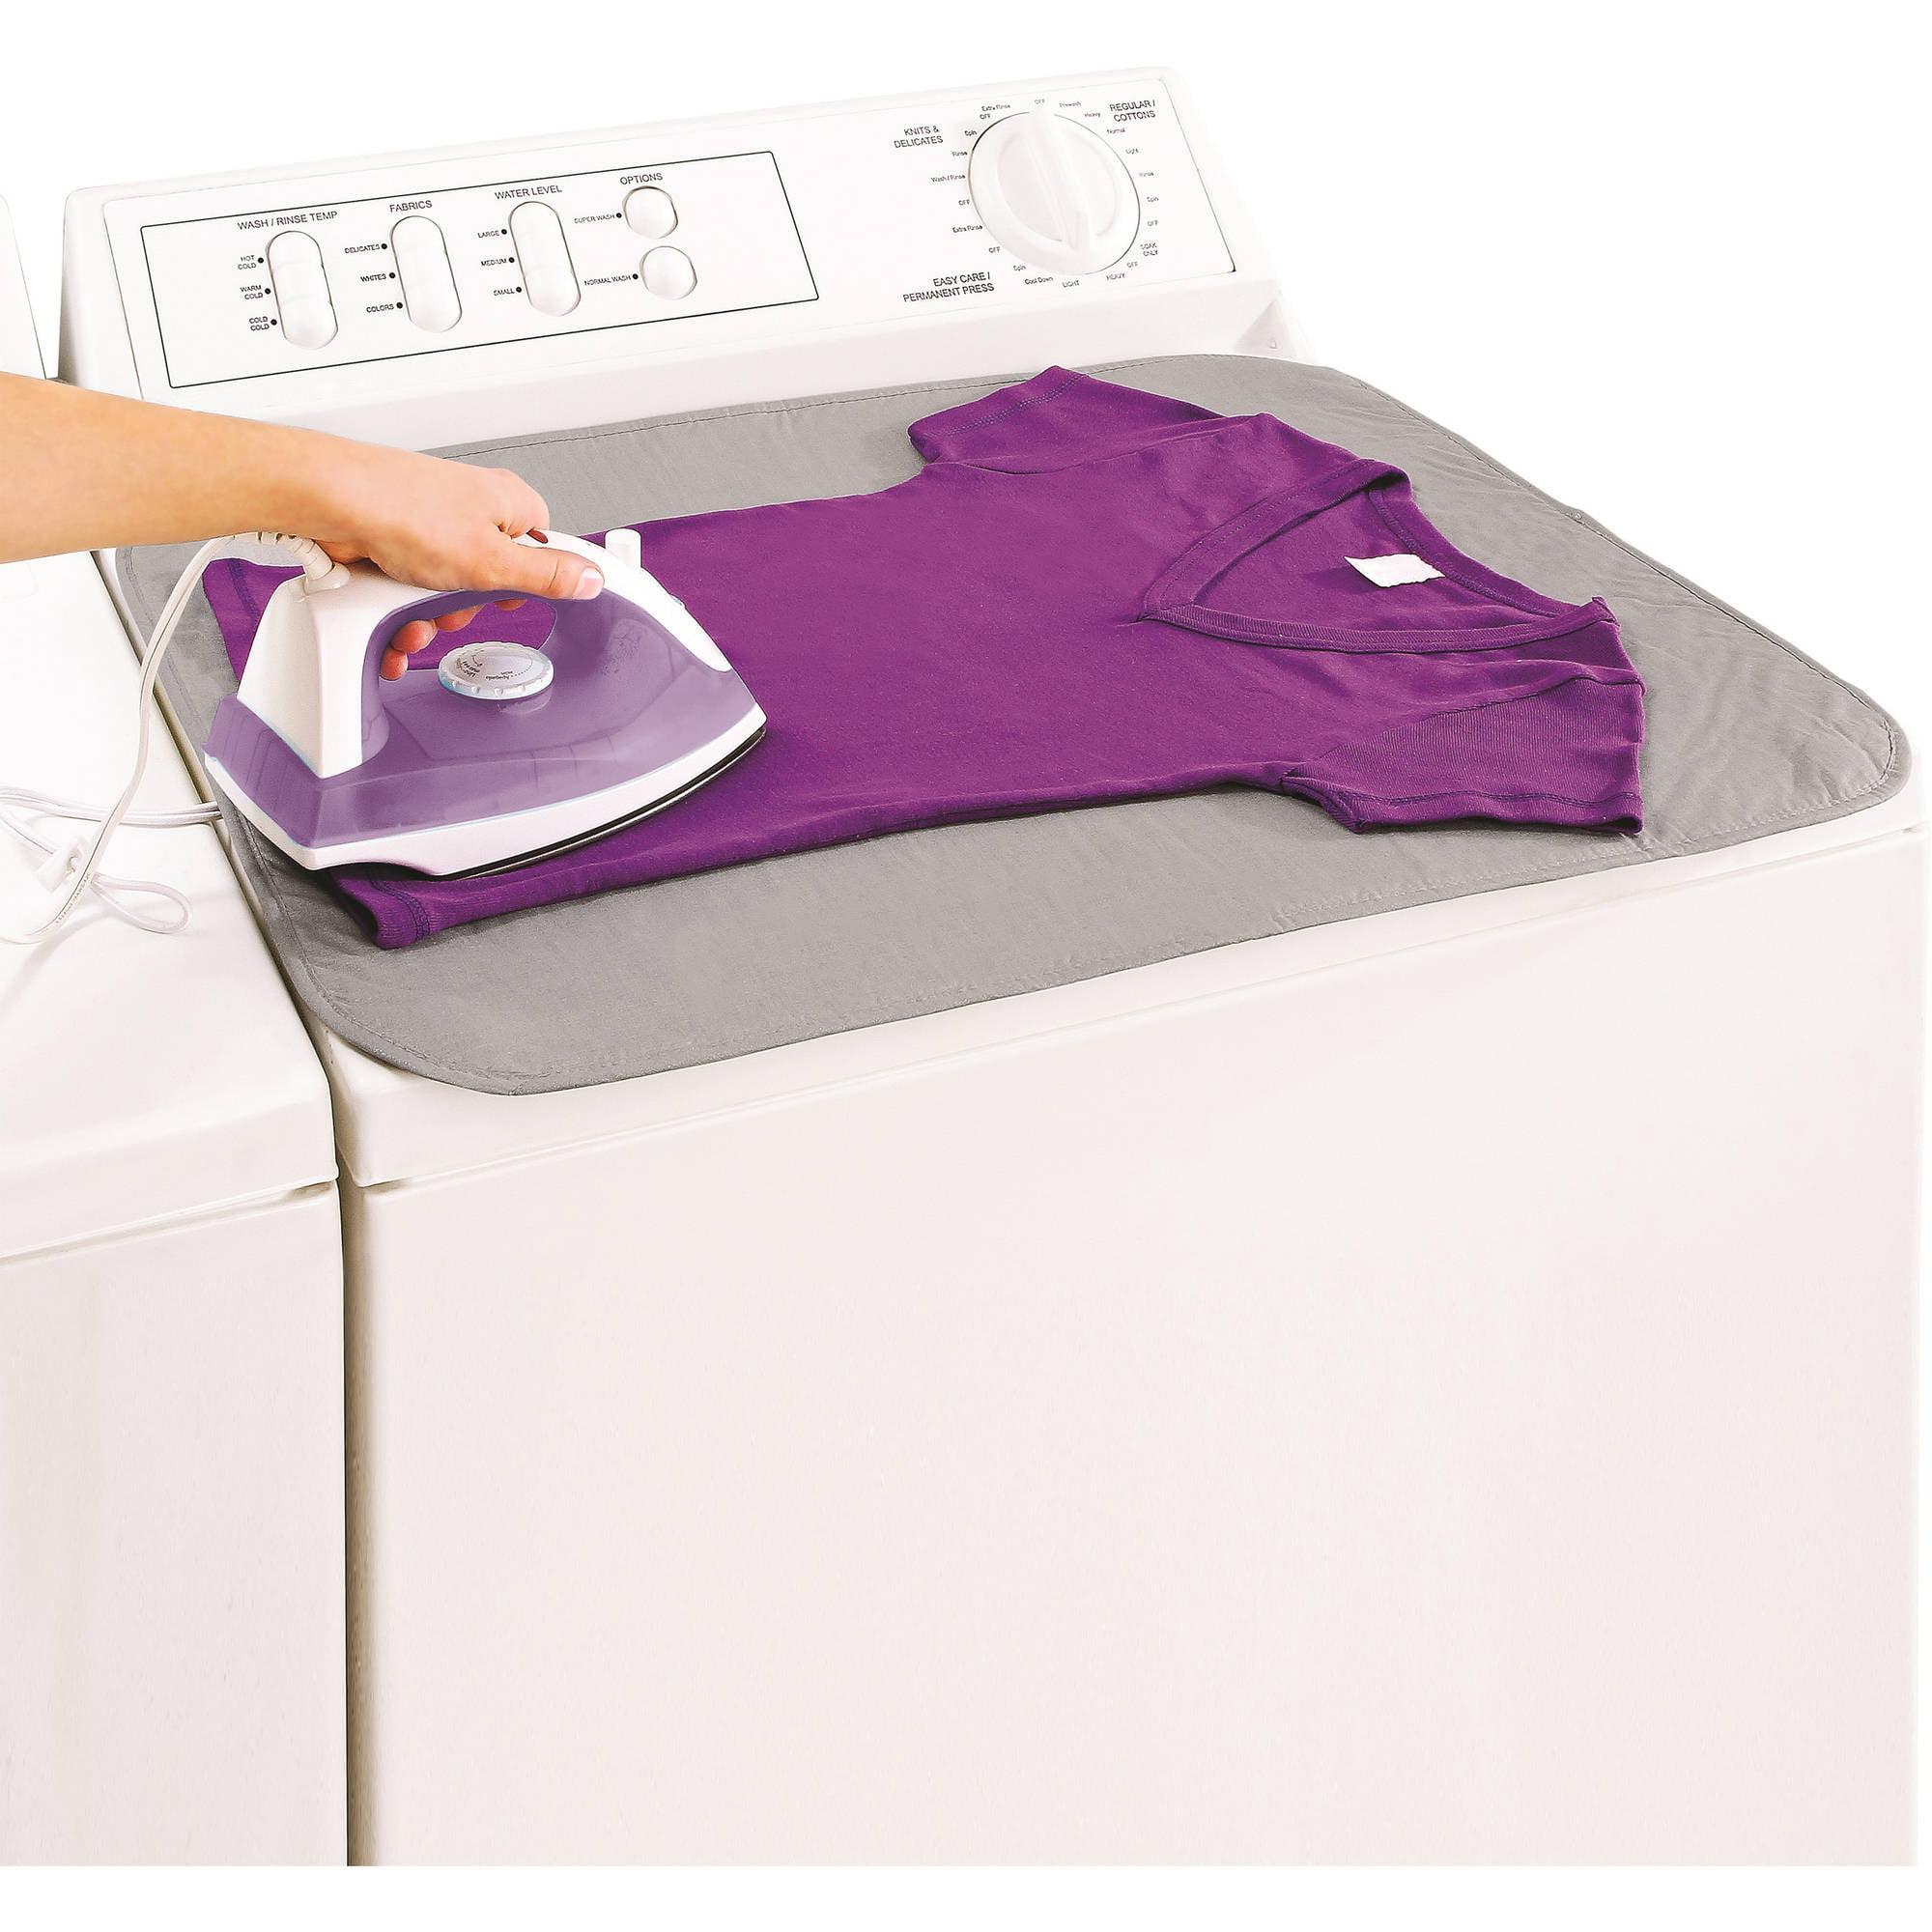 Woolite Reversible Silicone Ironing Mat